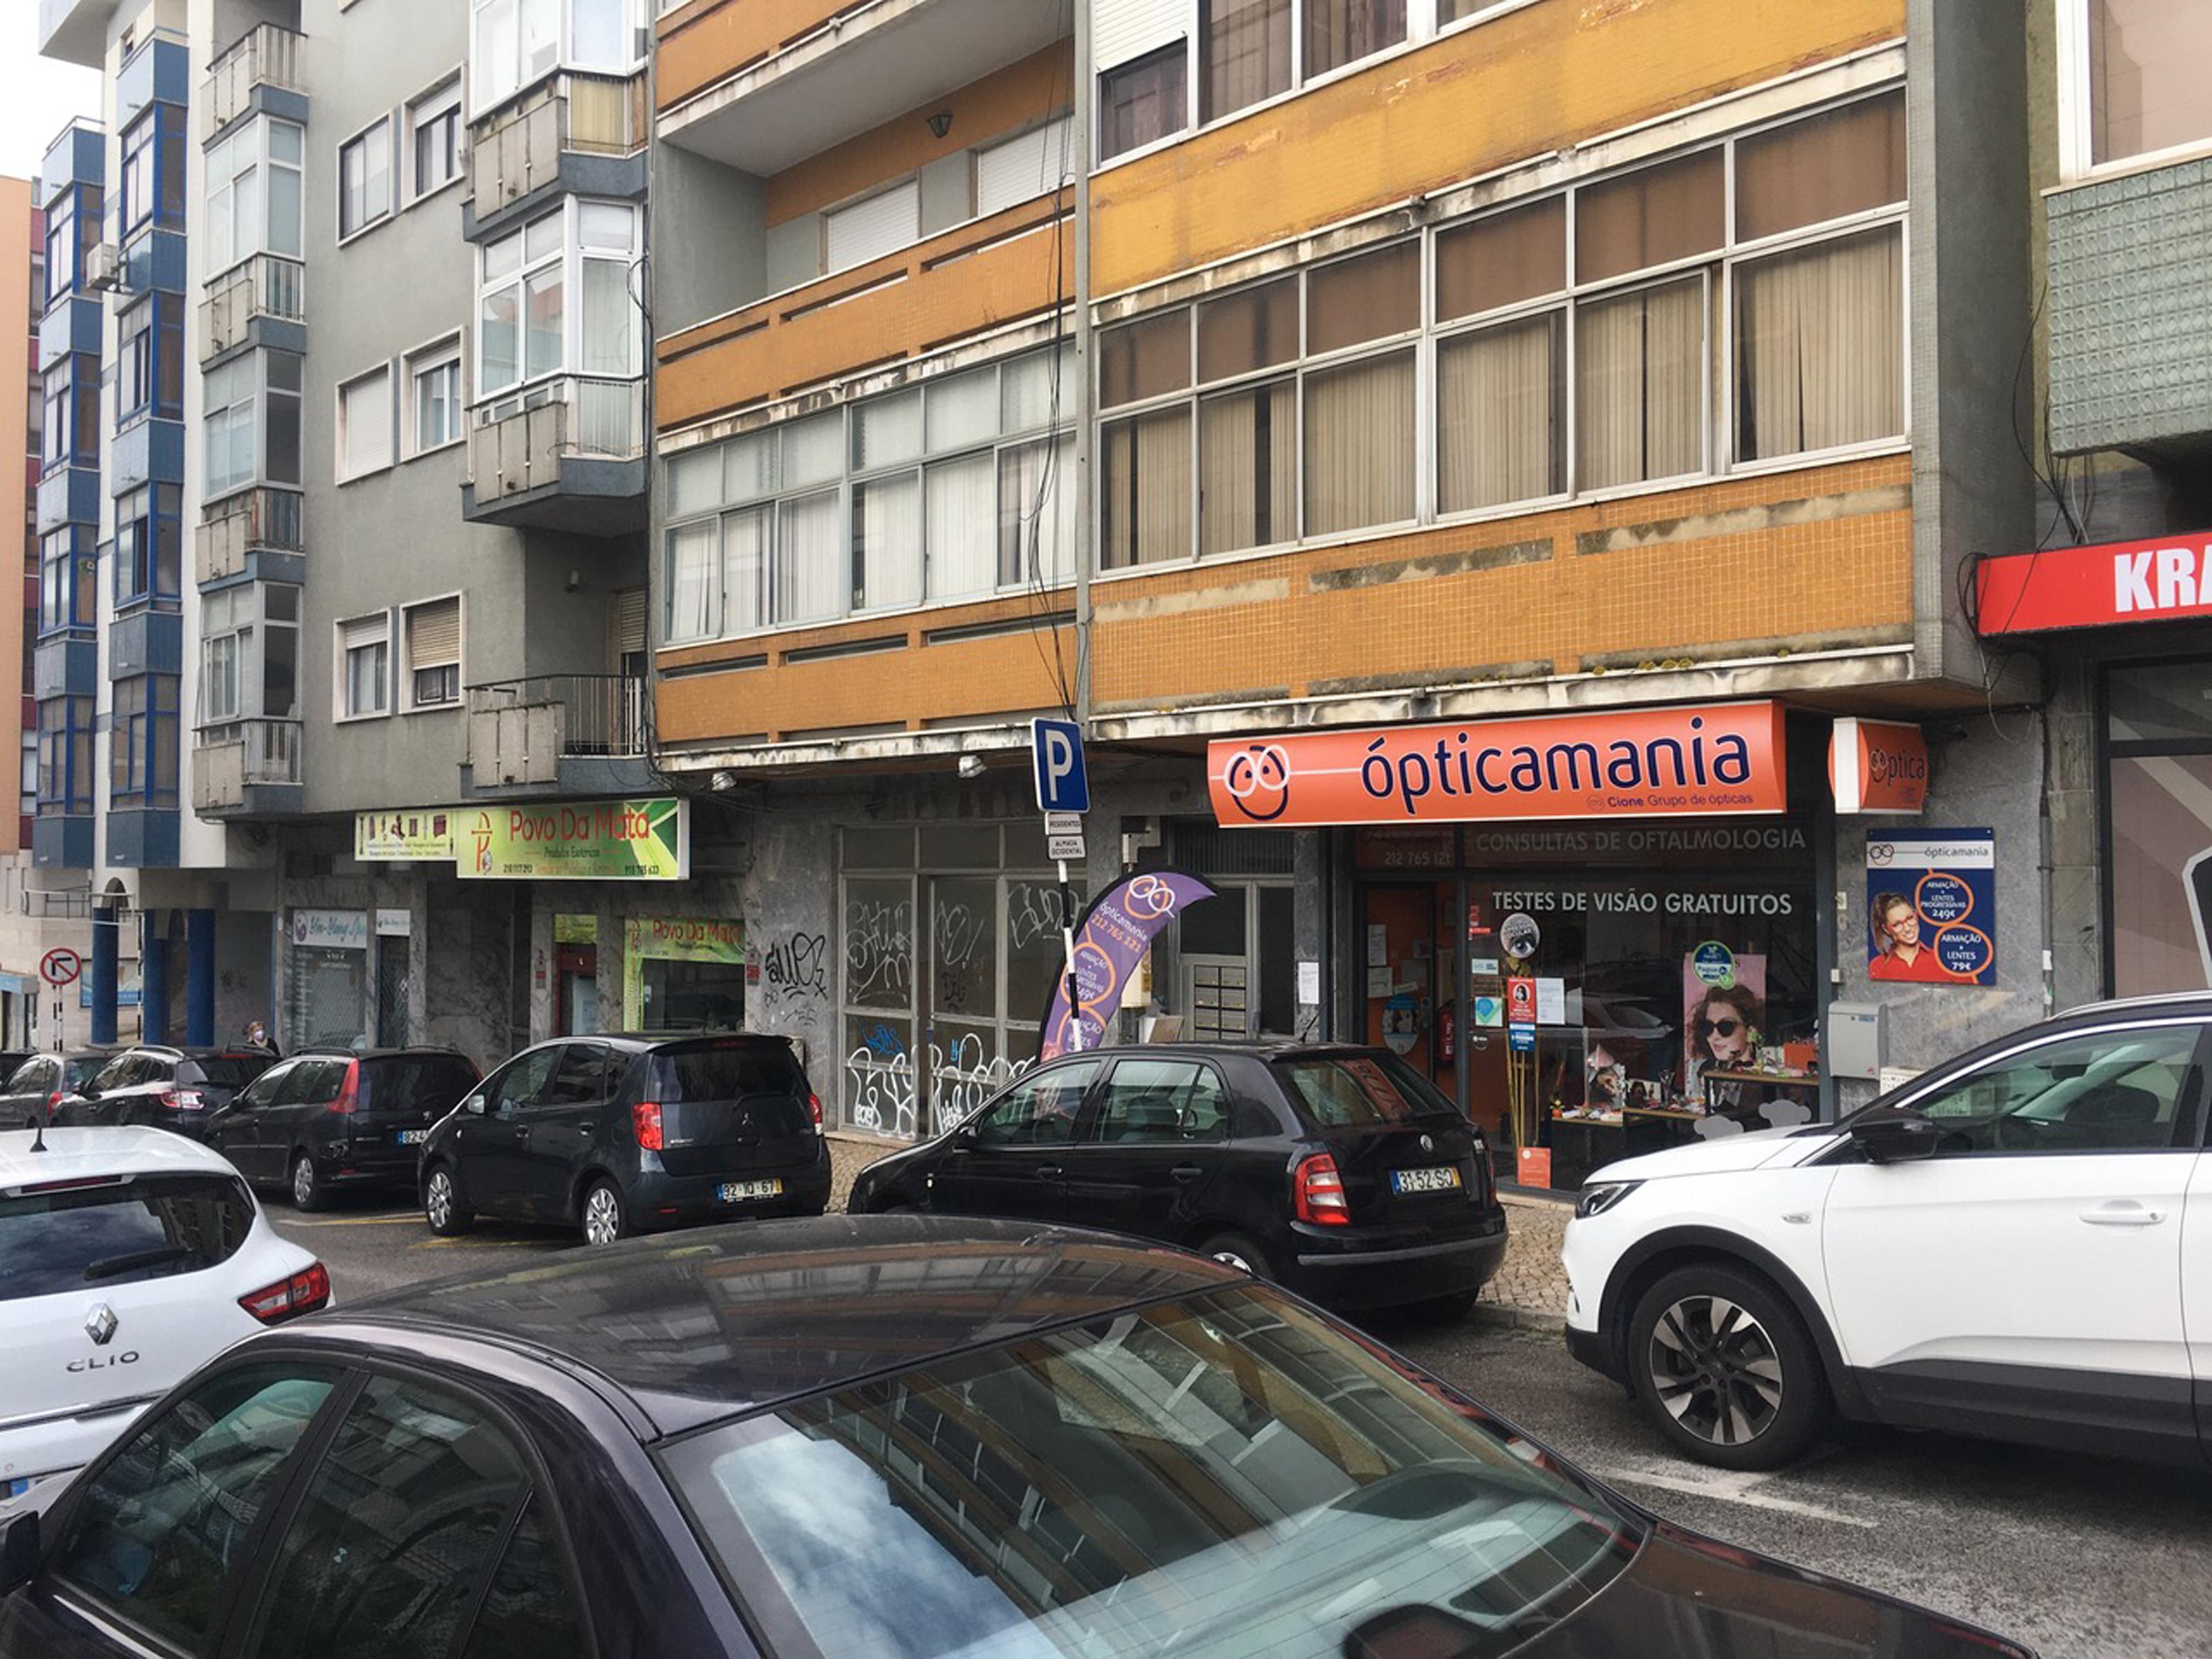 Used Commercial in Cova da Piedade (Cova da Piedade) – 80.74 m²